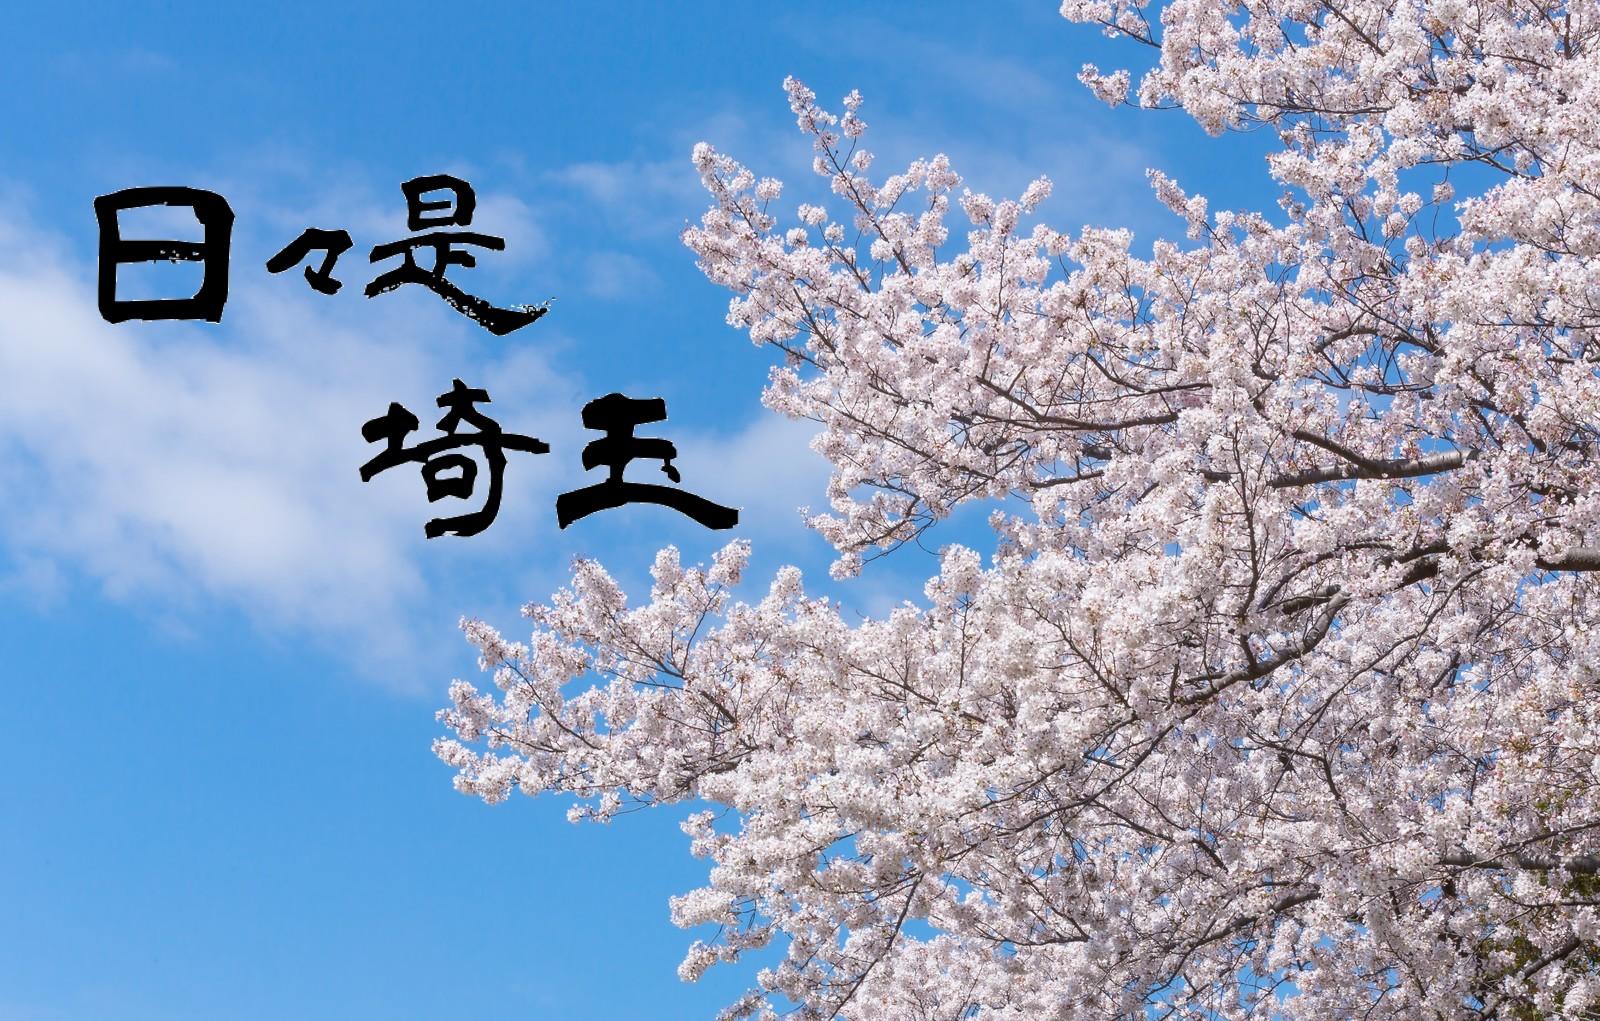 【日々是埼玉 2019/3/16】開花は去年よりもやや遅め?埼玉県内の桜事情in2019